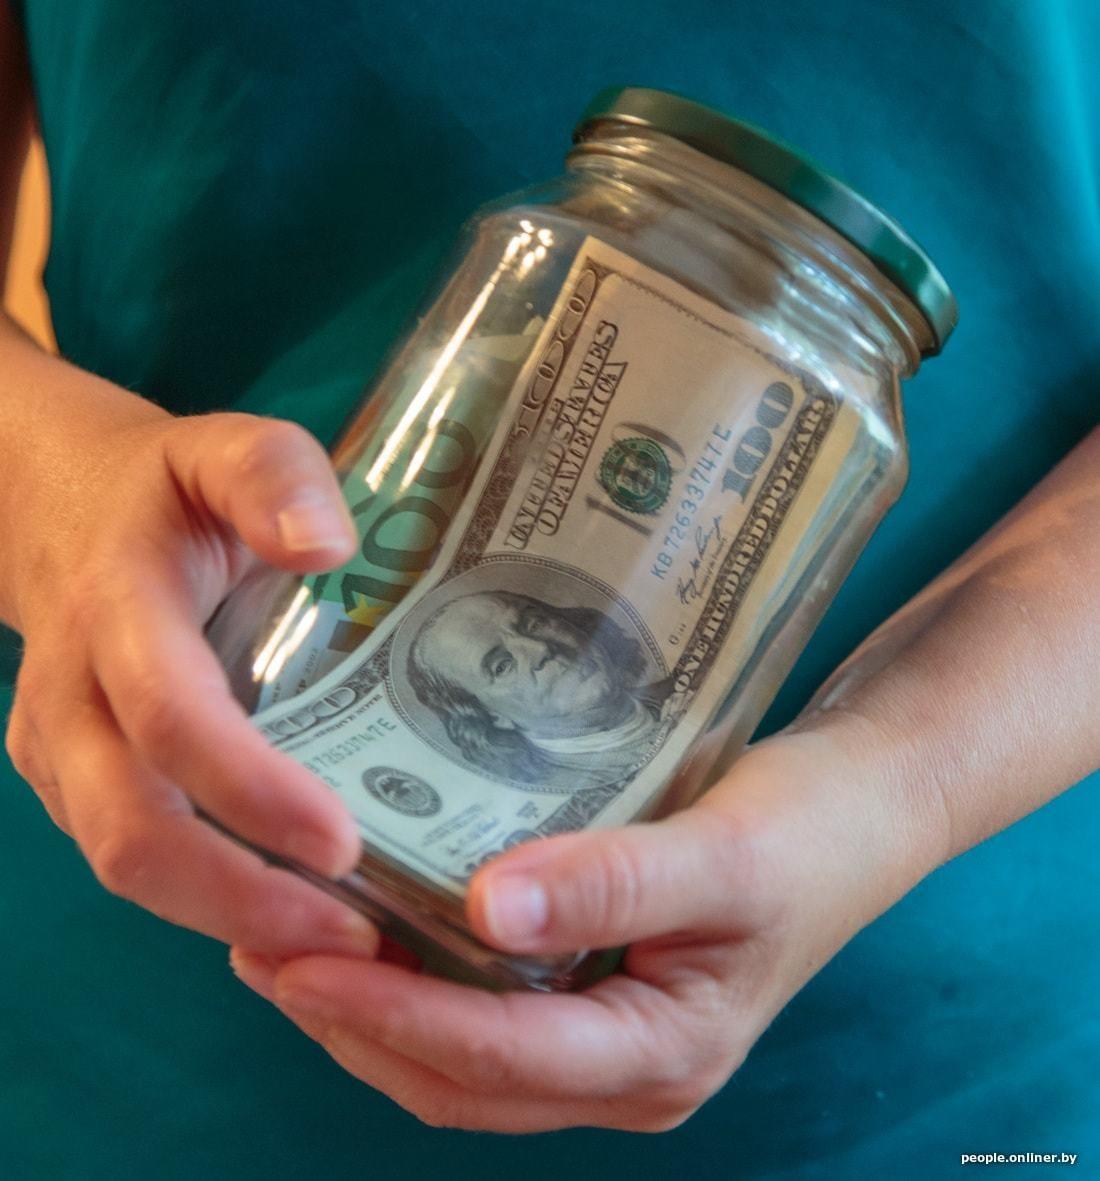 деньги в долг онлайнер барахолка минск